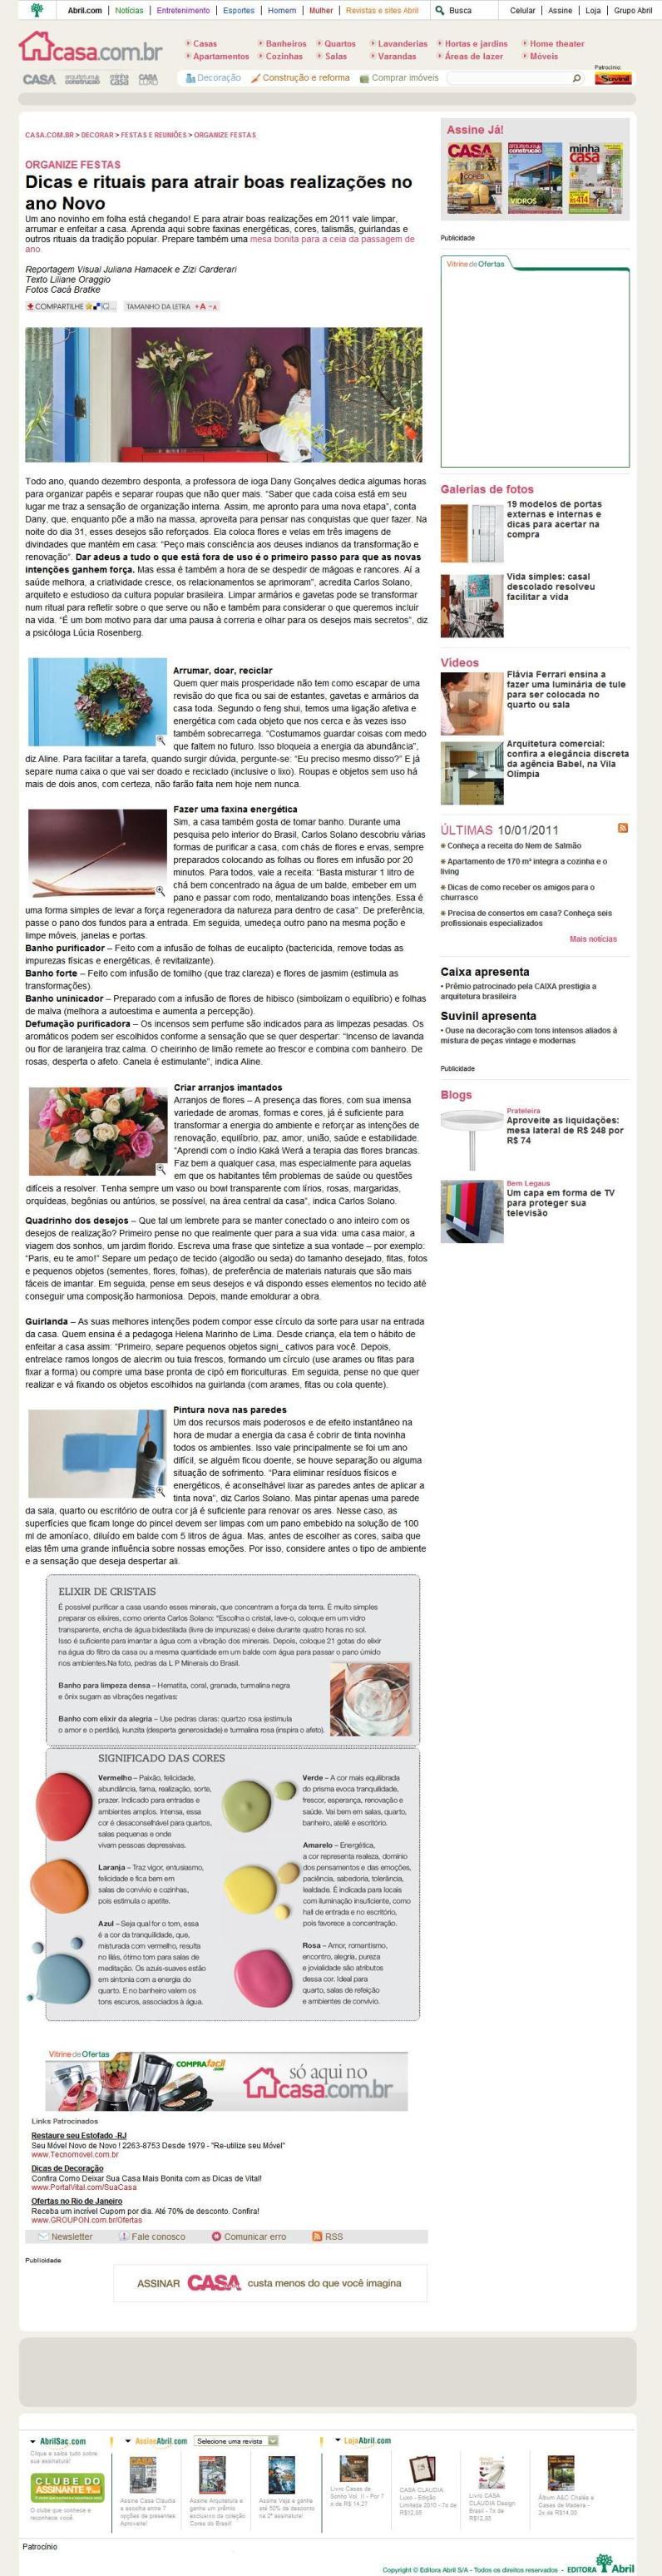 Casa.com.br - 2010